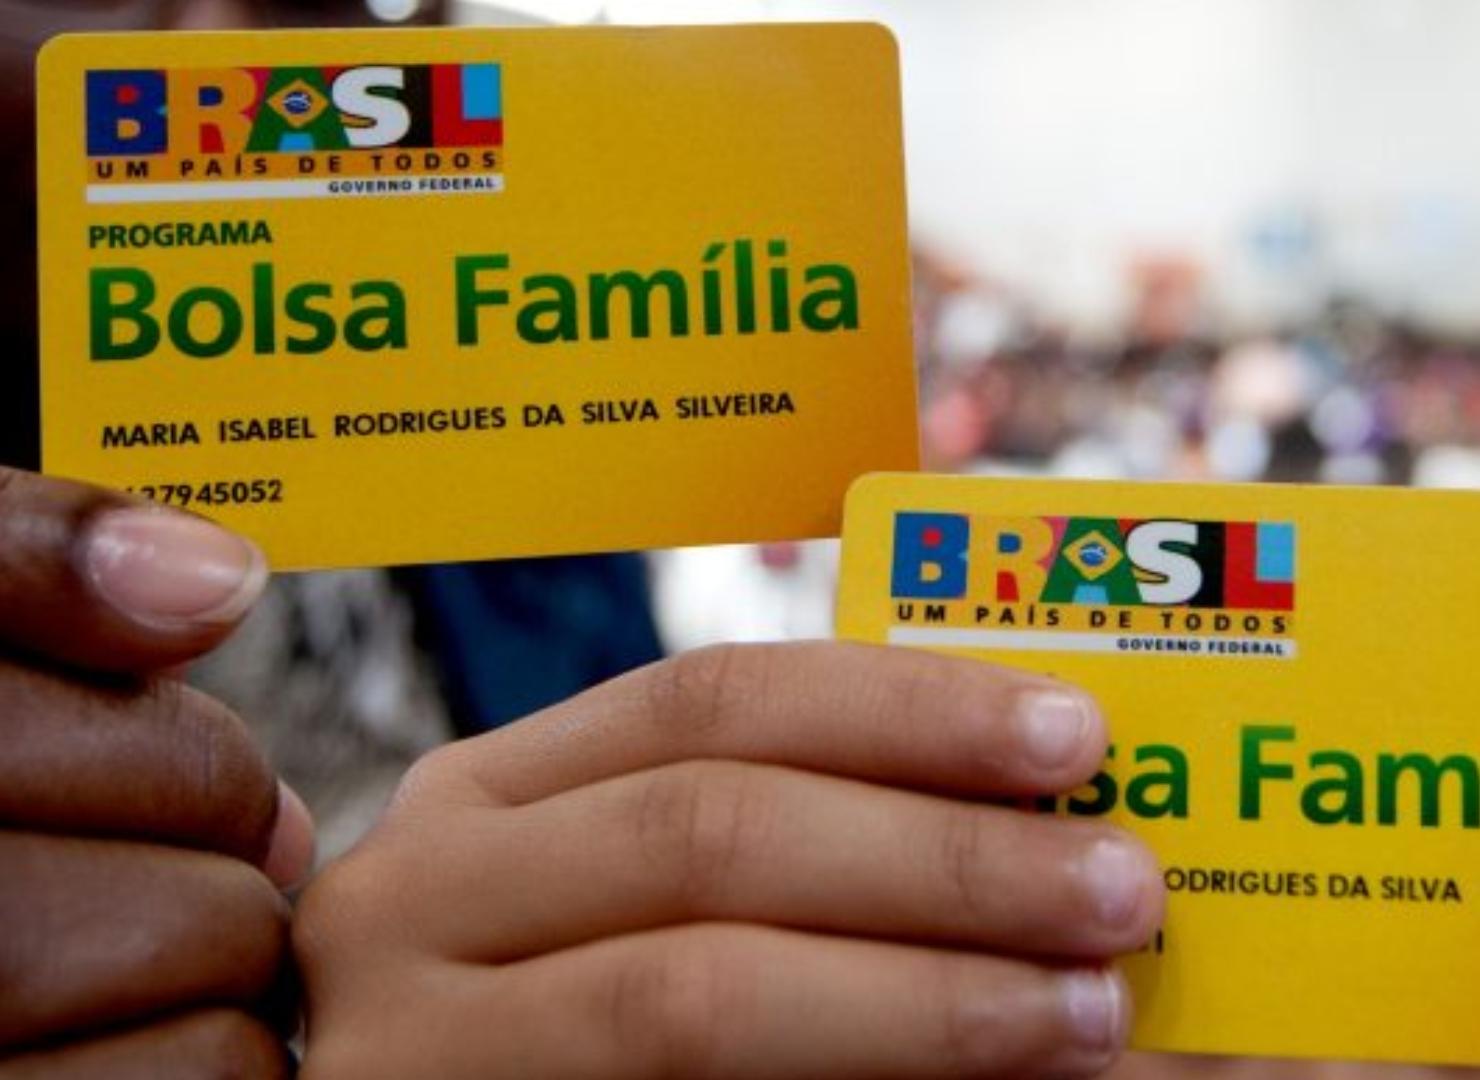 BOLSA FAMÍLIA: GOVERNO FEDERAL ESTUDA DESTRAVAR FILA DE ESPERA